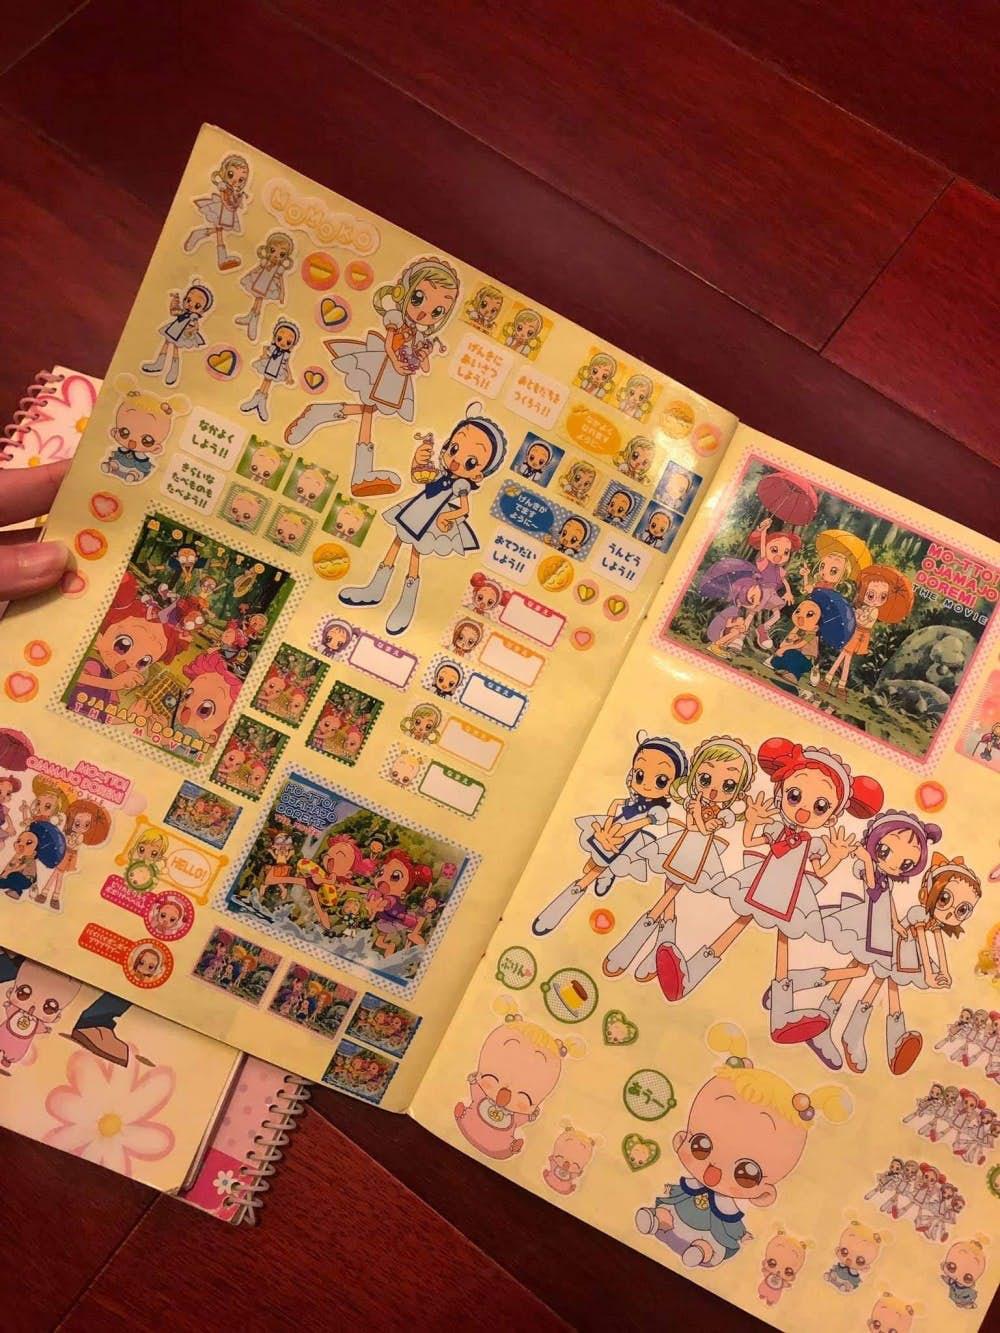 網友曬超懷舊「童年貼紙簿」意外引討論 粉絲必備「偶像人物貼」喊:56不能亡!